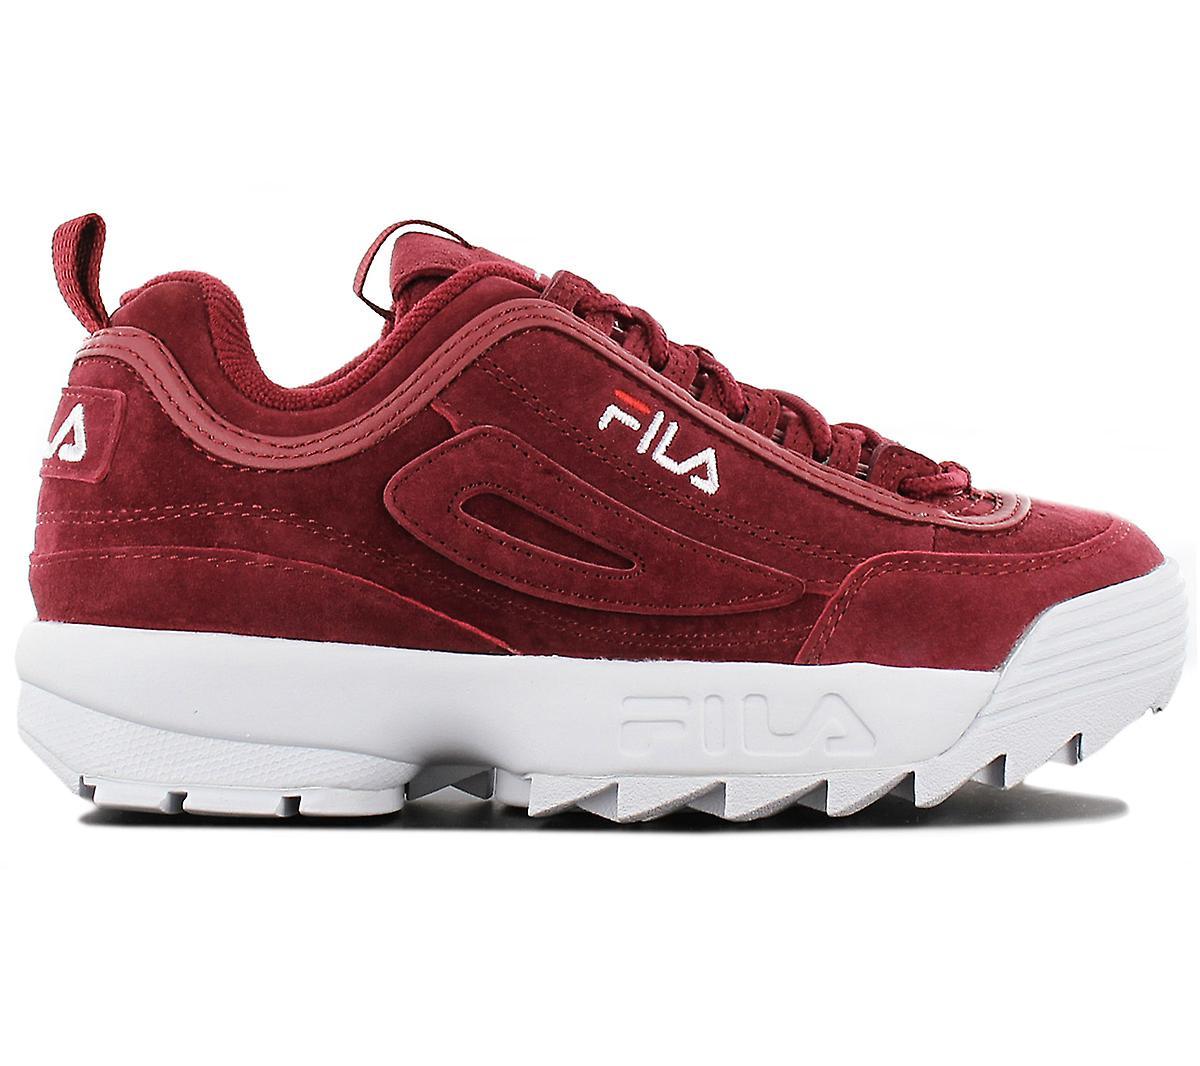 Fila disruptor S lav CR 1010553.40 K kvinners sko røde joggesko sport sko